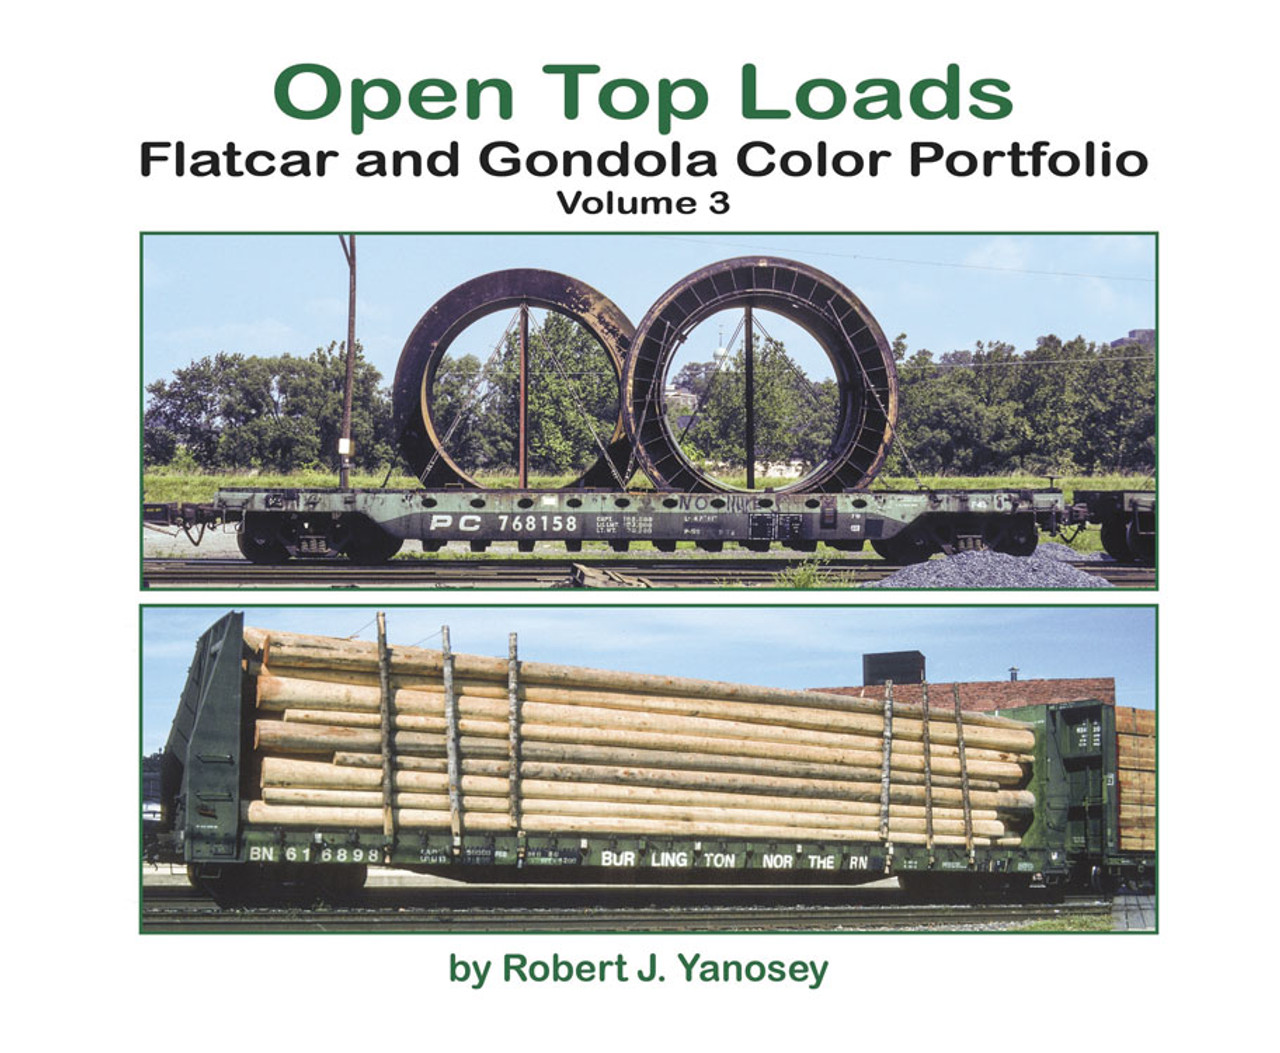 Open-Top Loads: Flatcar and Gondola Color Portfolio -- Volume 3 (Softcover)